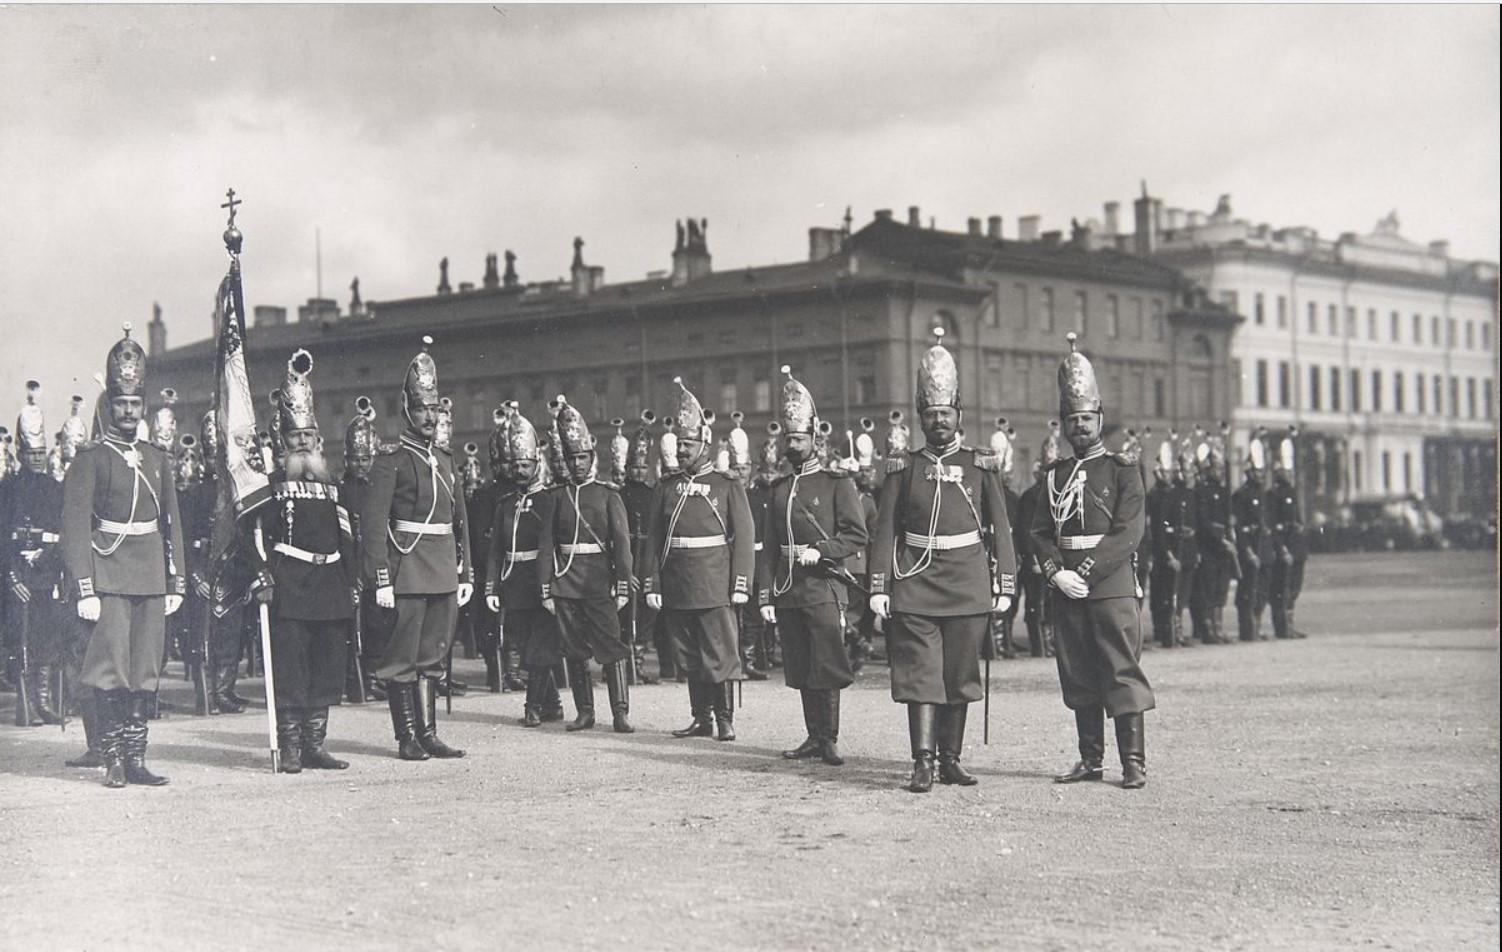 Фото знаменной группы, офицеров и чинов 1-го батальона Лейб-Гвардии Павловского полка, ожидающих прибытия Государя Императора во время парада на Марсовом поле по случаю полкового праздника 30 августа 1904